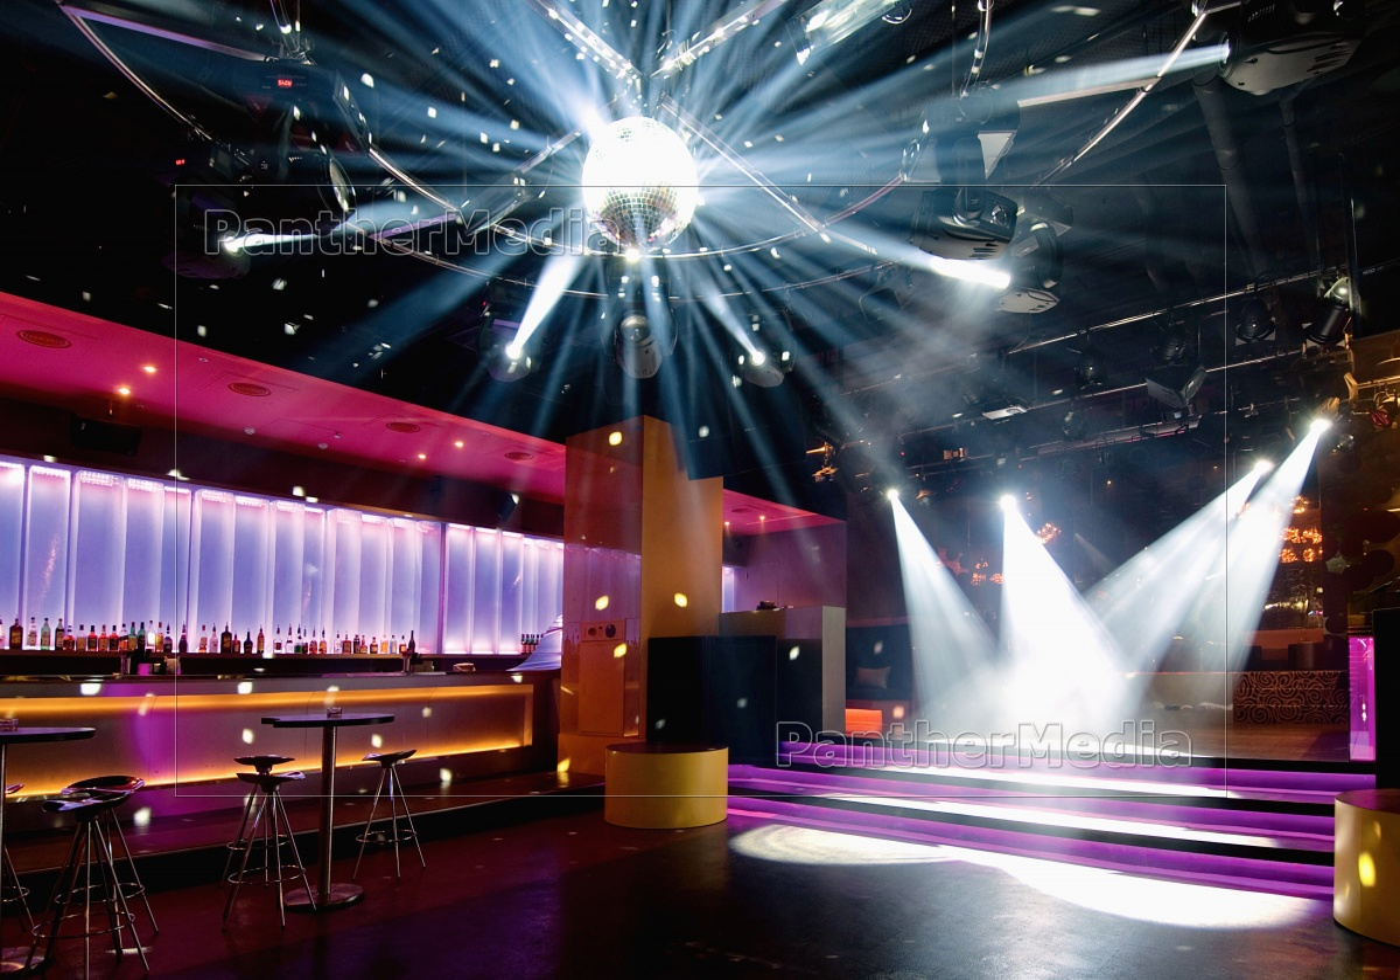 tanzfläche mit disco-kugel im nachtclub - lizenzfreies bild